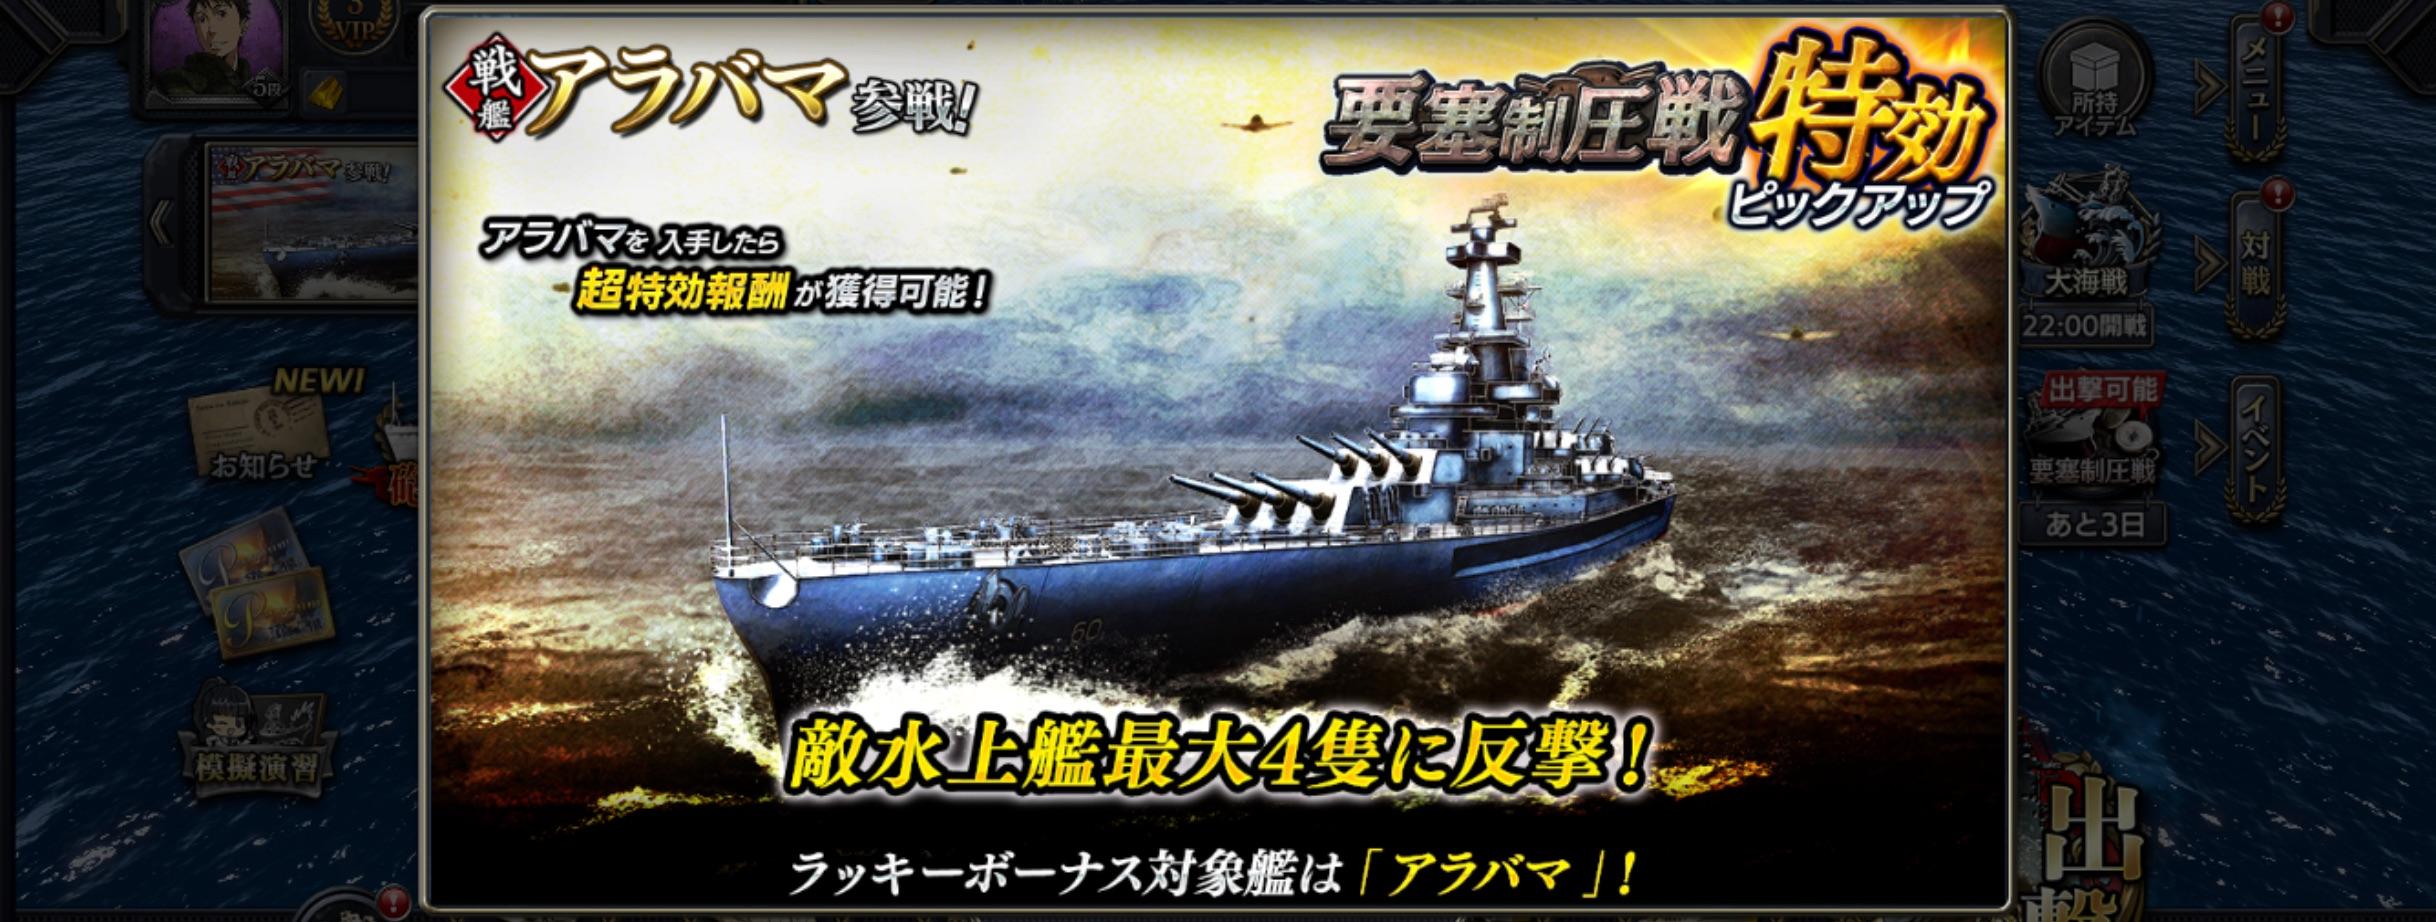 battleship-Alabama